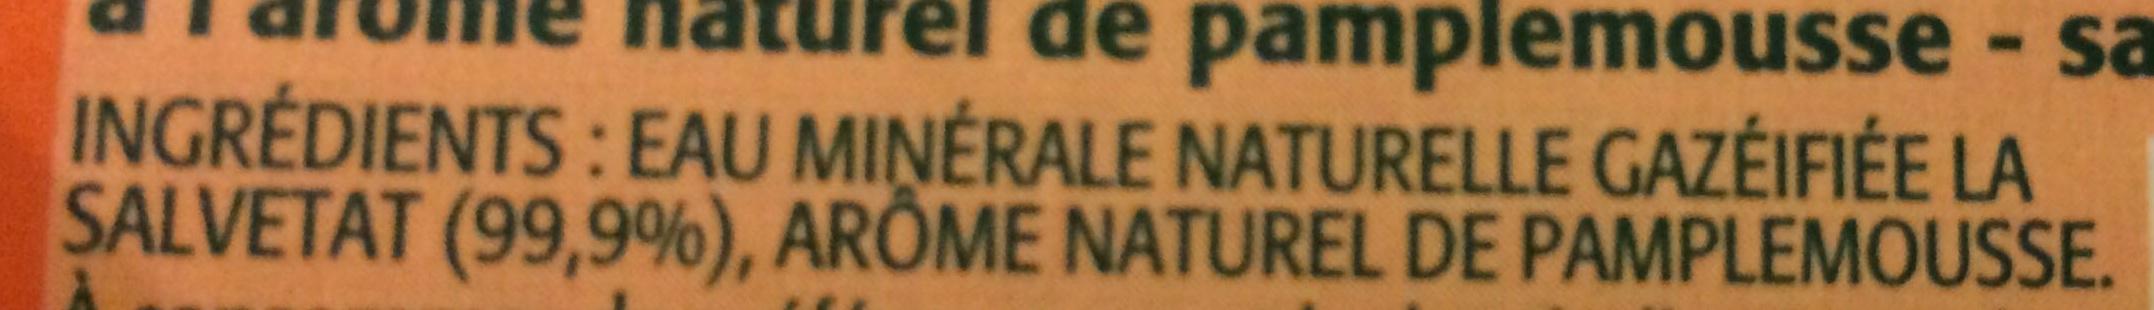 Sans sucres Agrumes - Ingrédients - fr